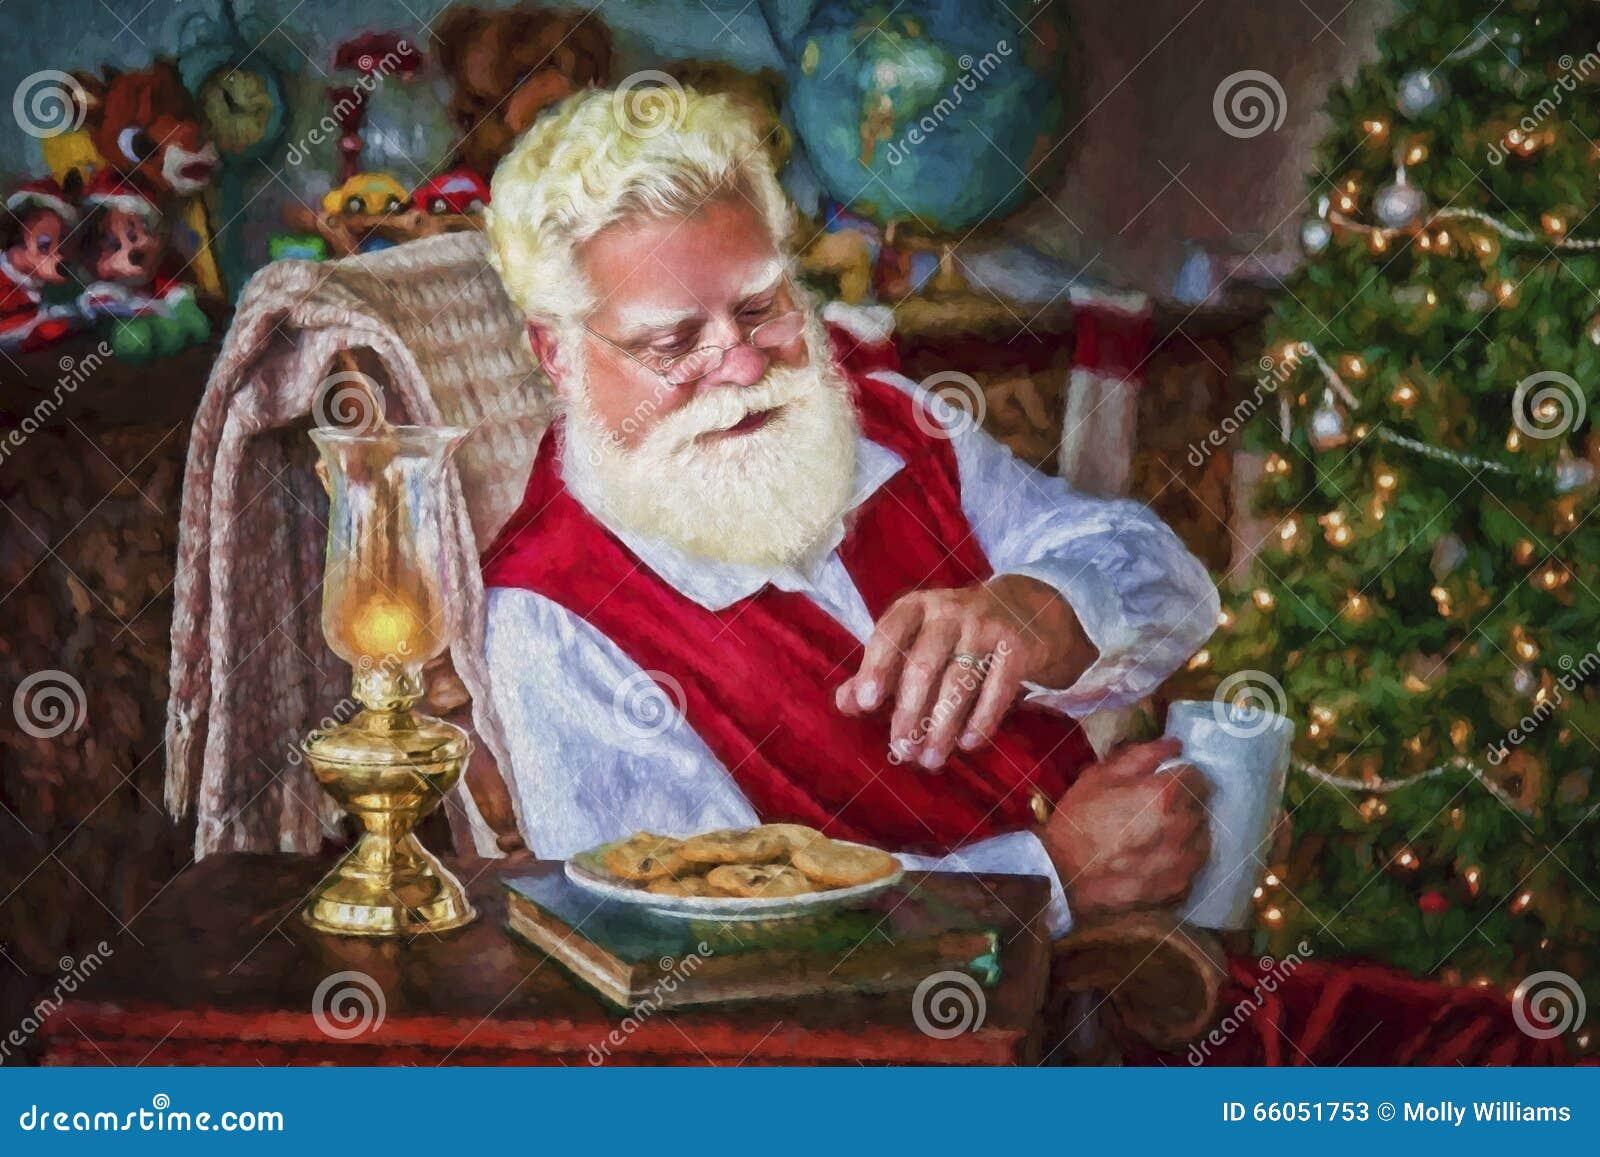 Санта с печеньями и горячим шоколадом